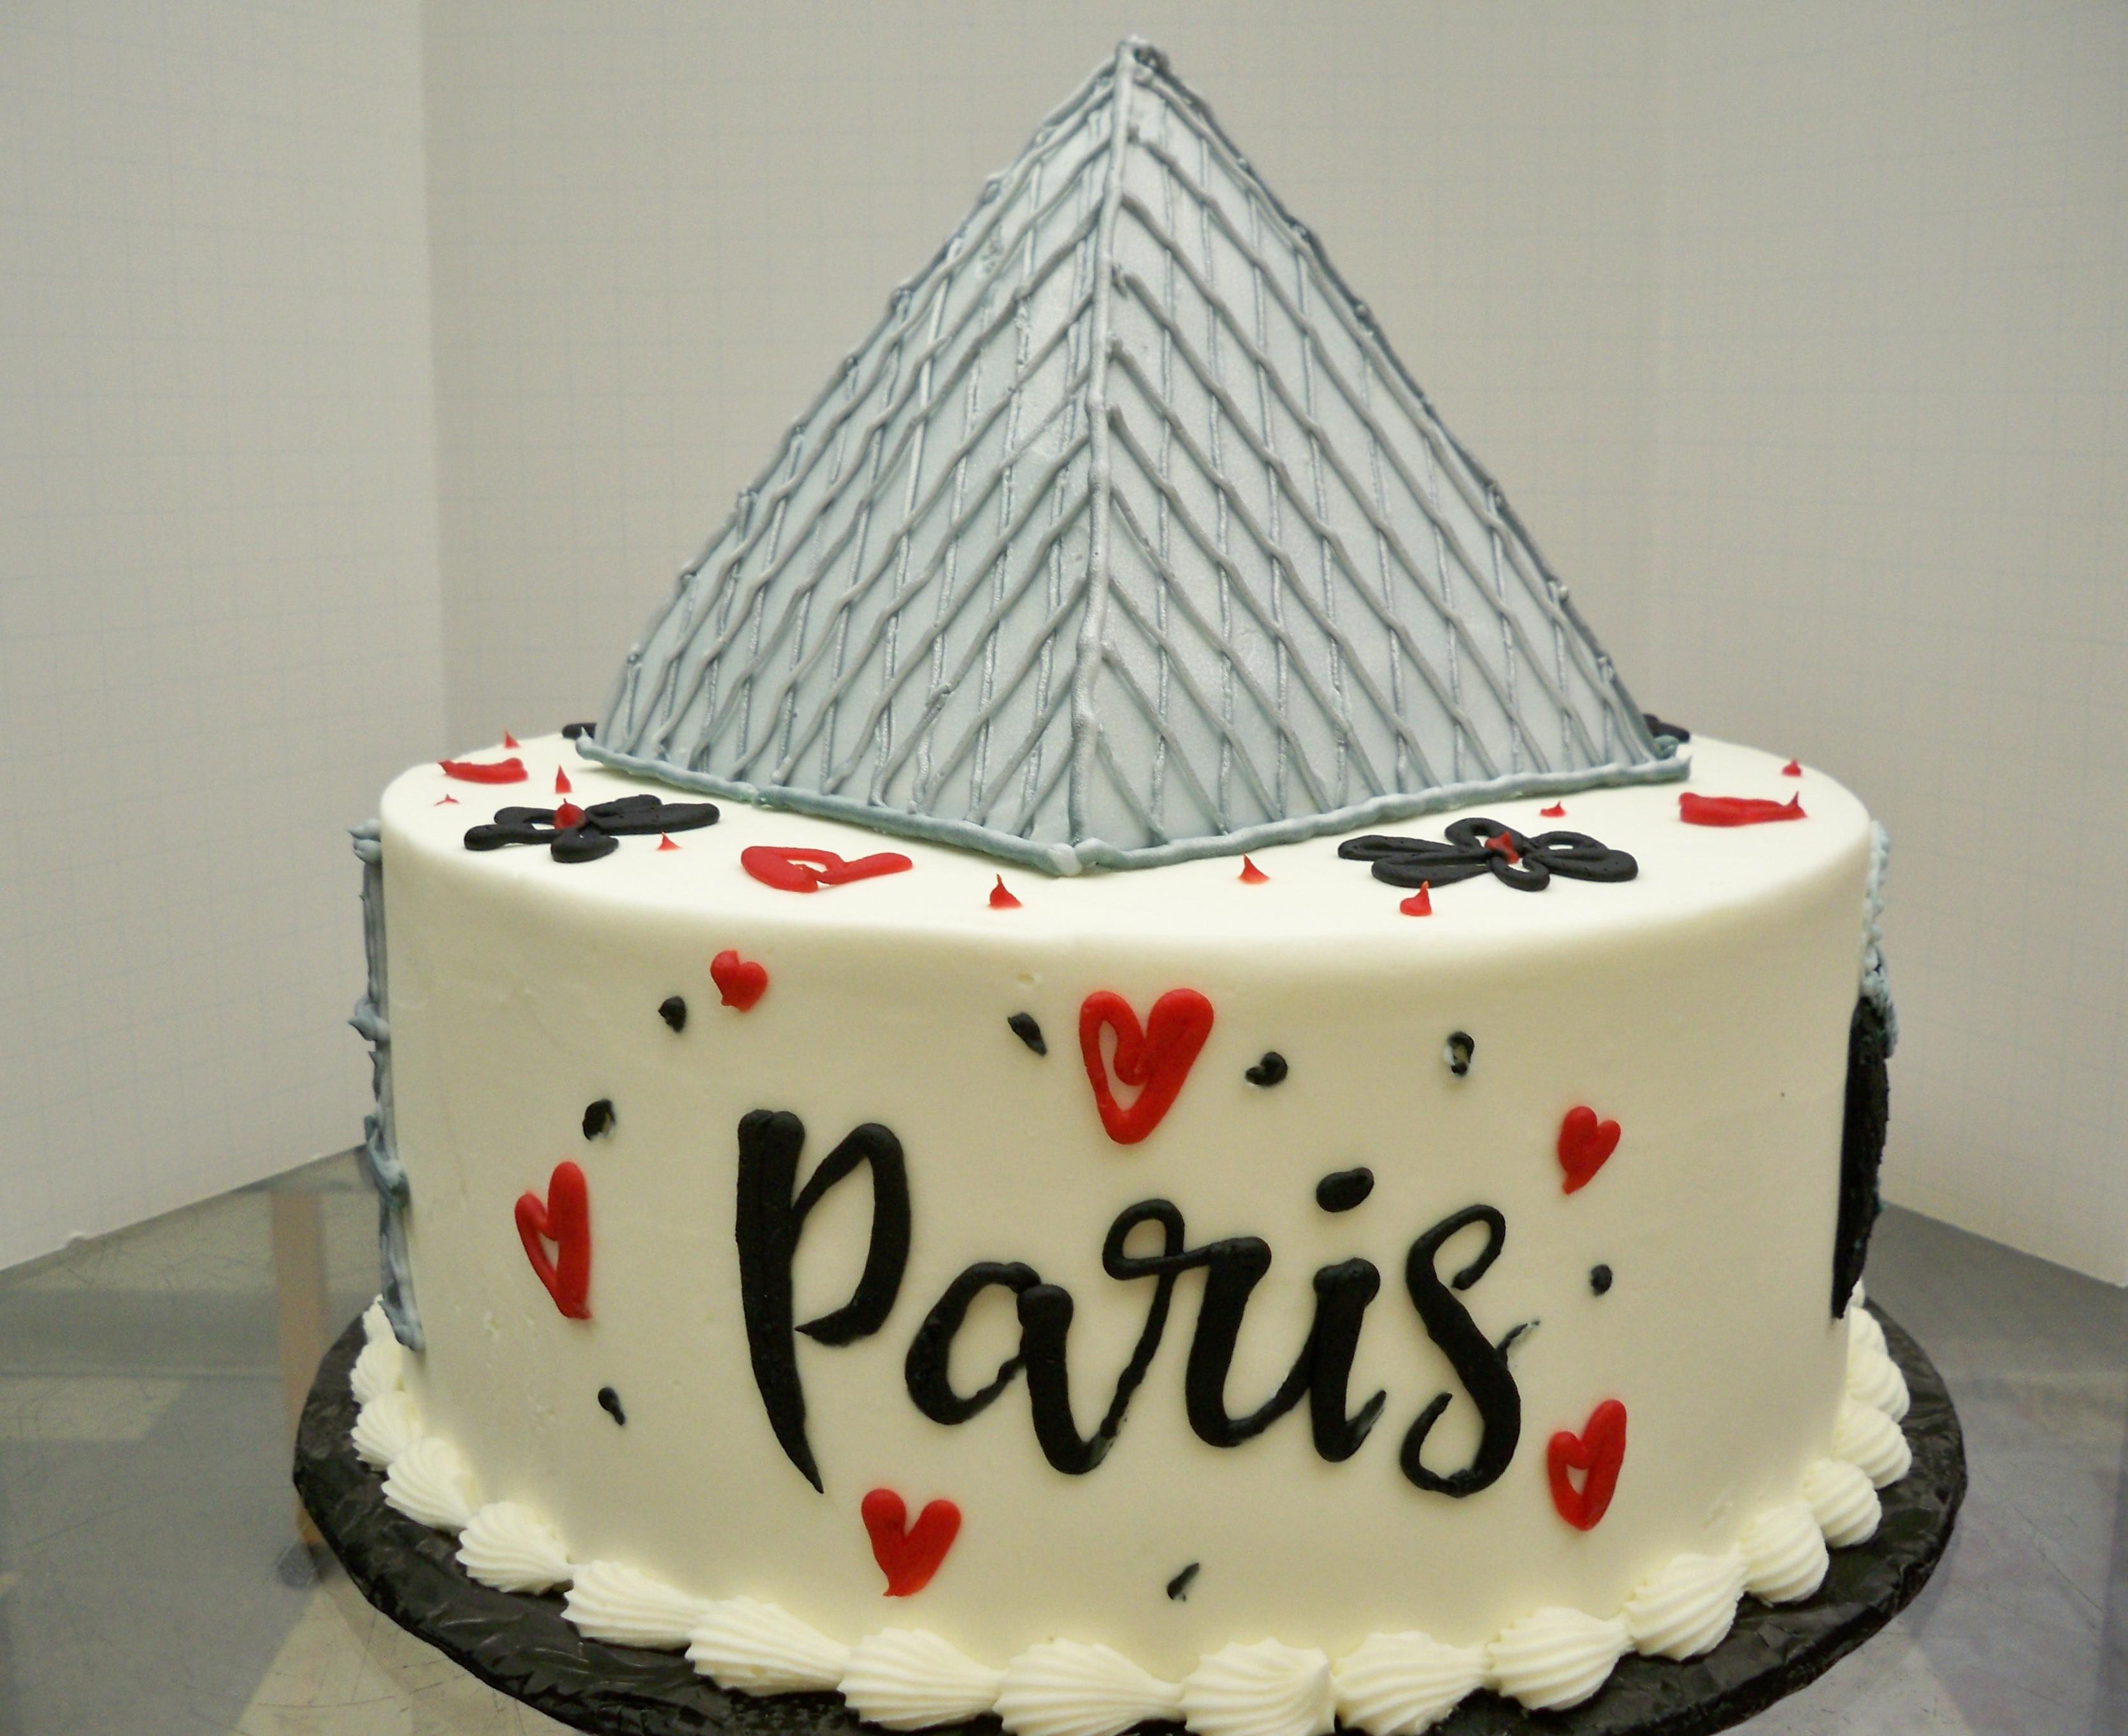 paris cake, birthday cake, louvre cake